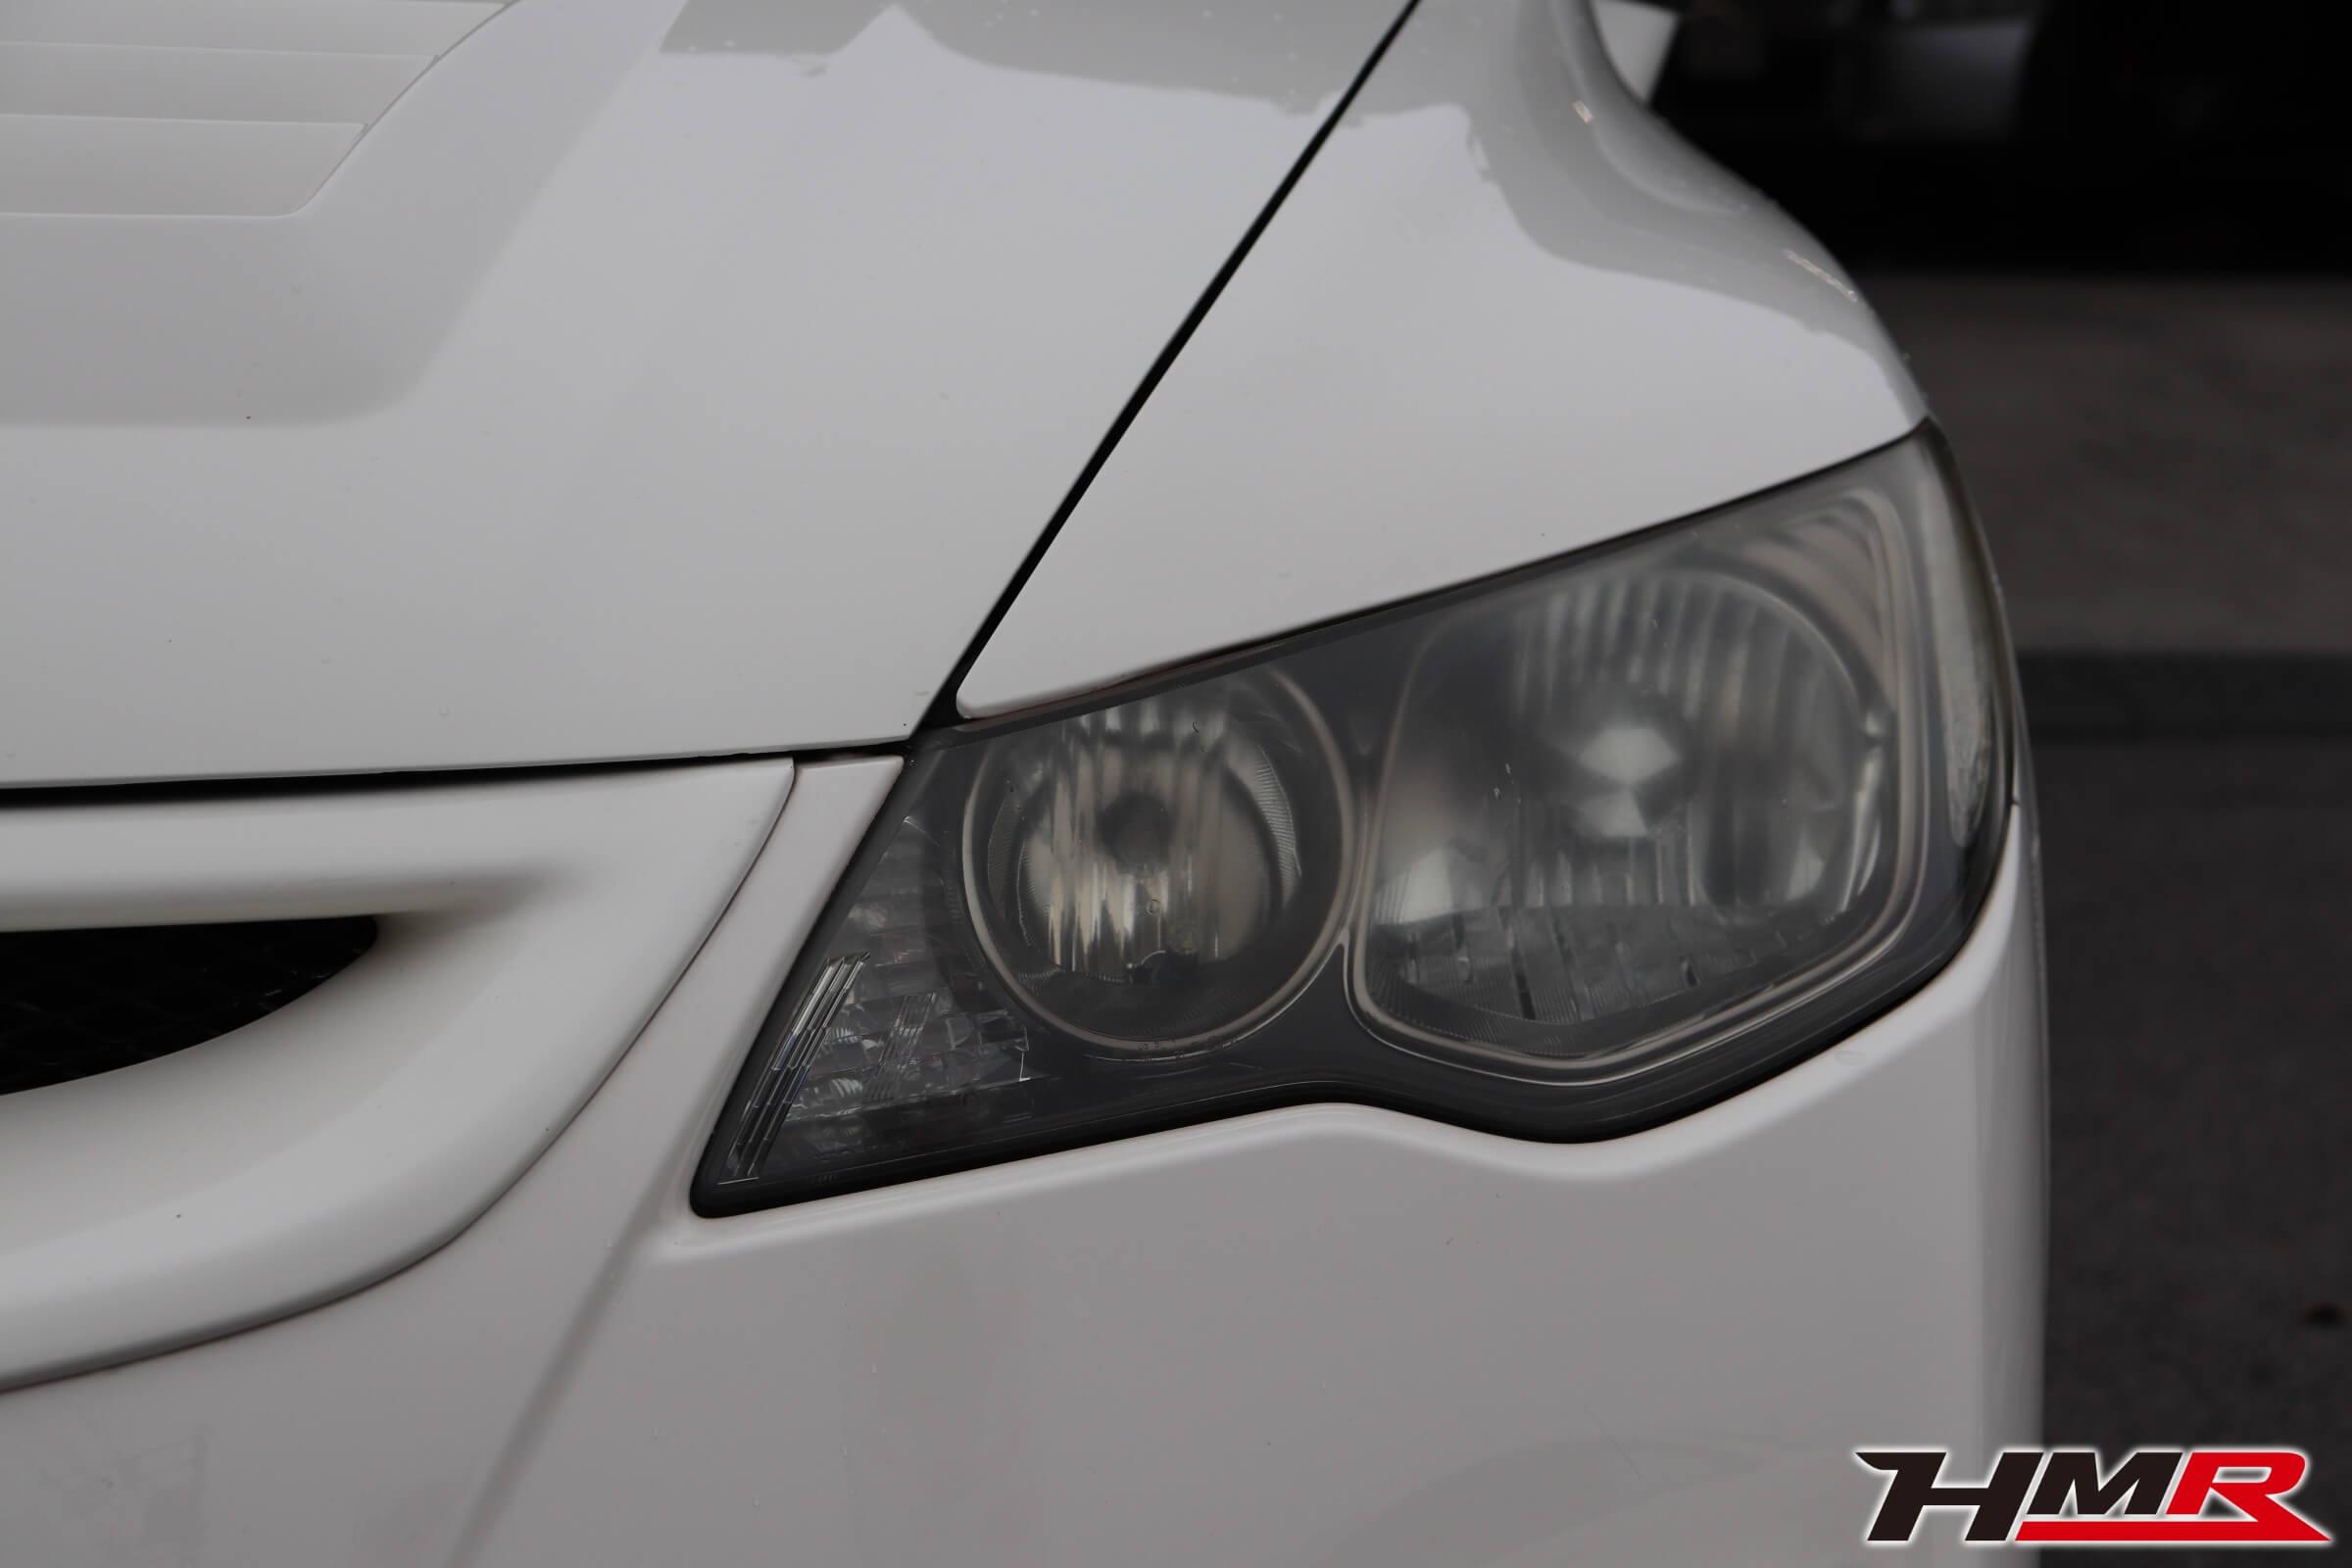 シビックタイプR(FD2)ヘッドライト